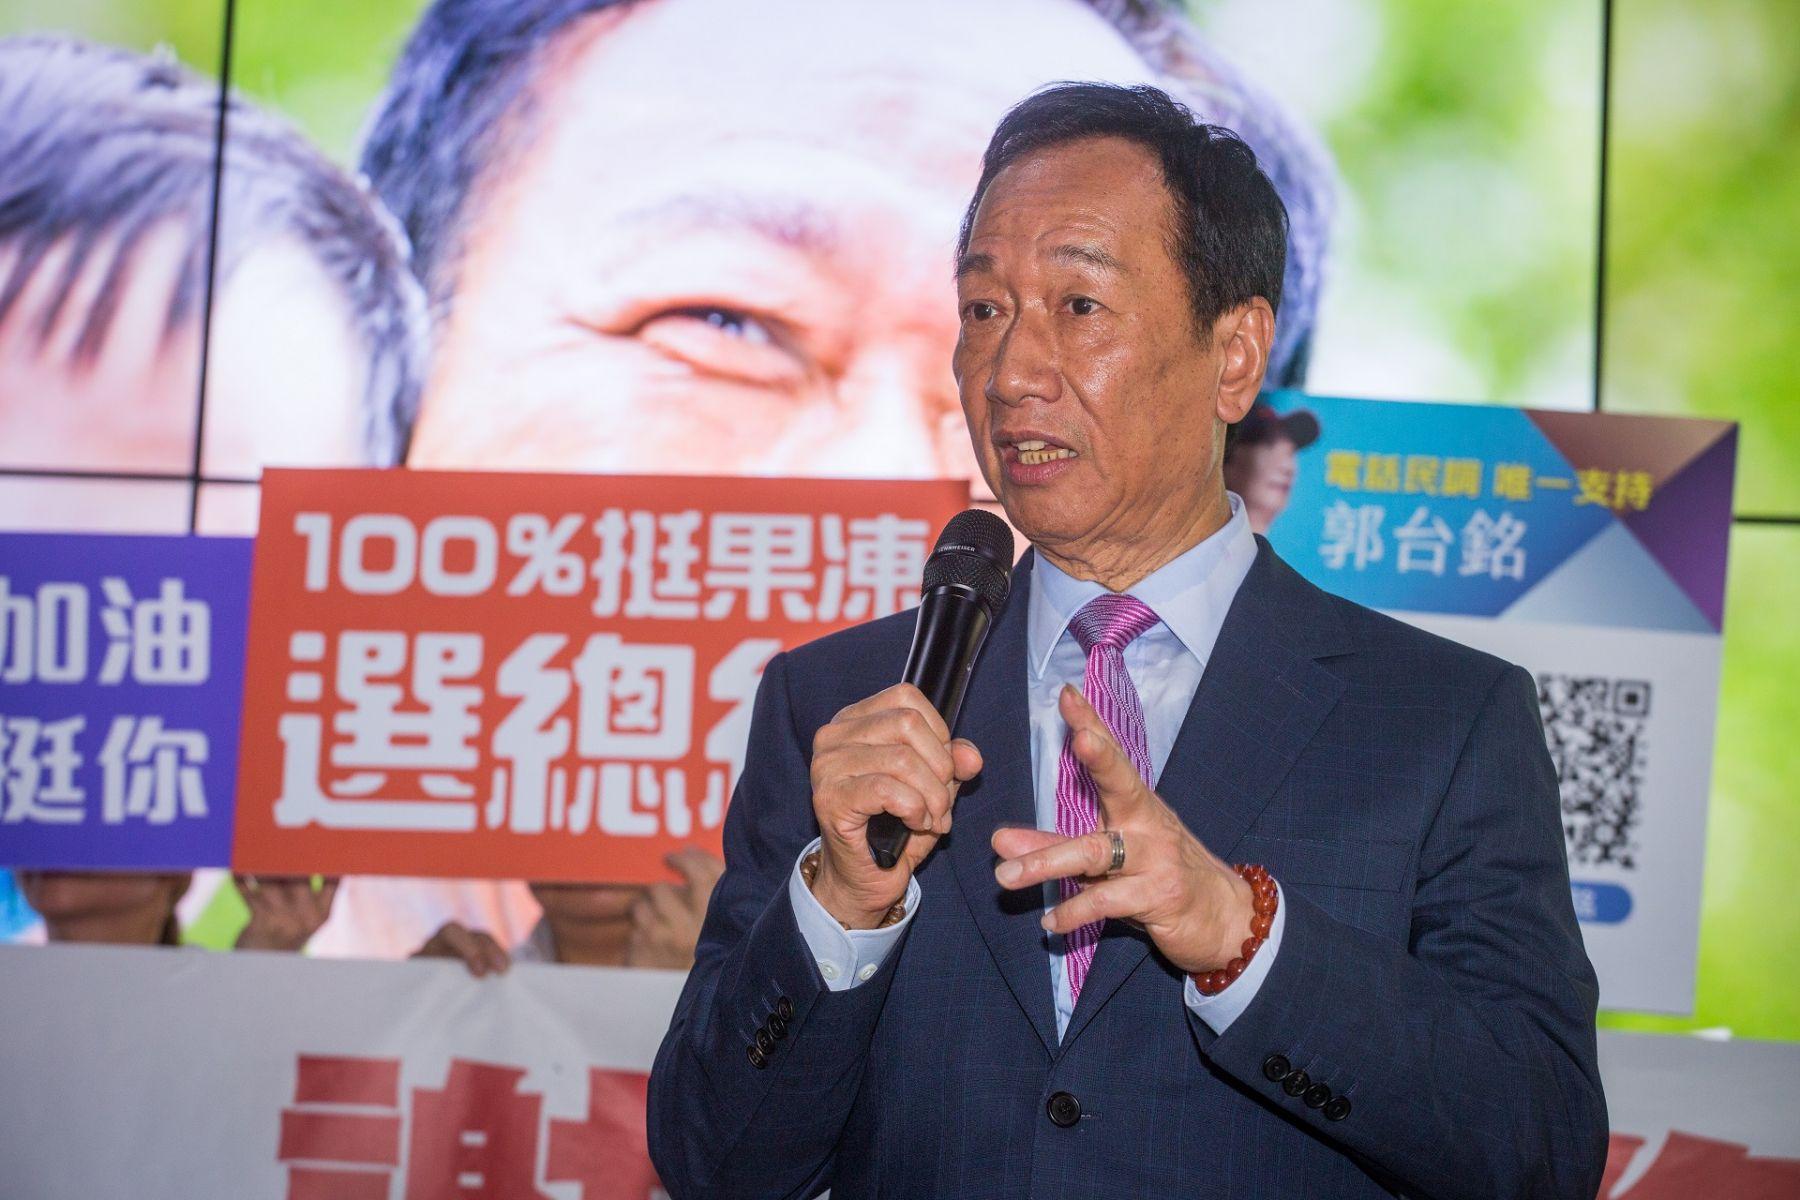 與日媒會面 郭台銘首度表態:已準備好參選總統